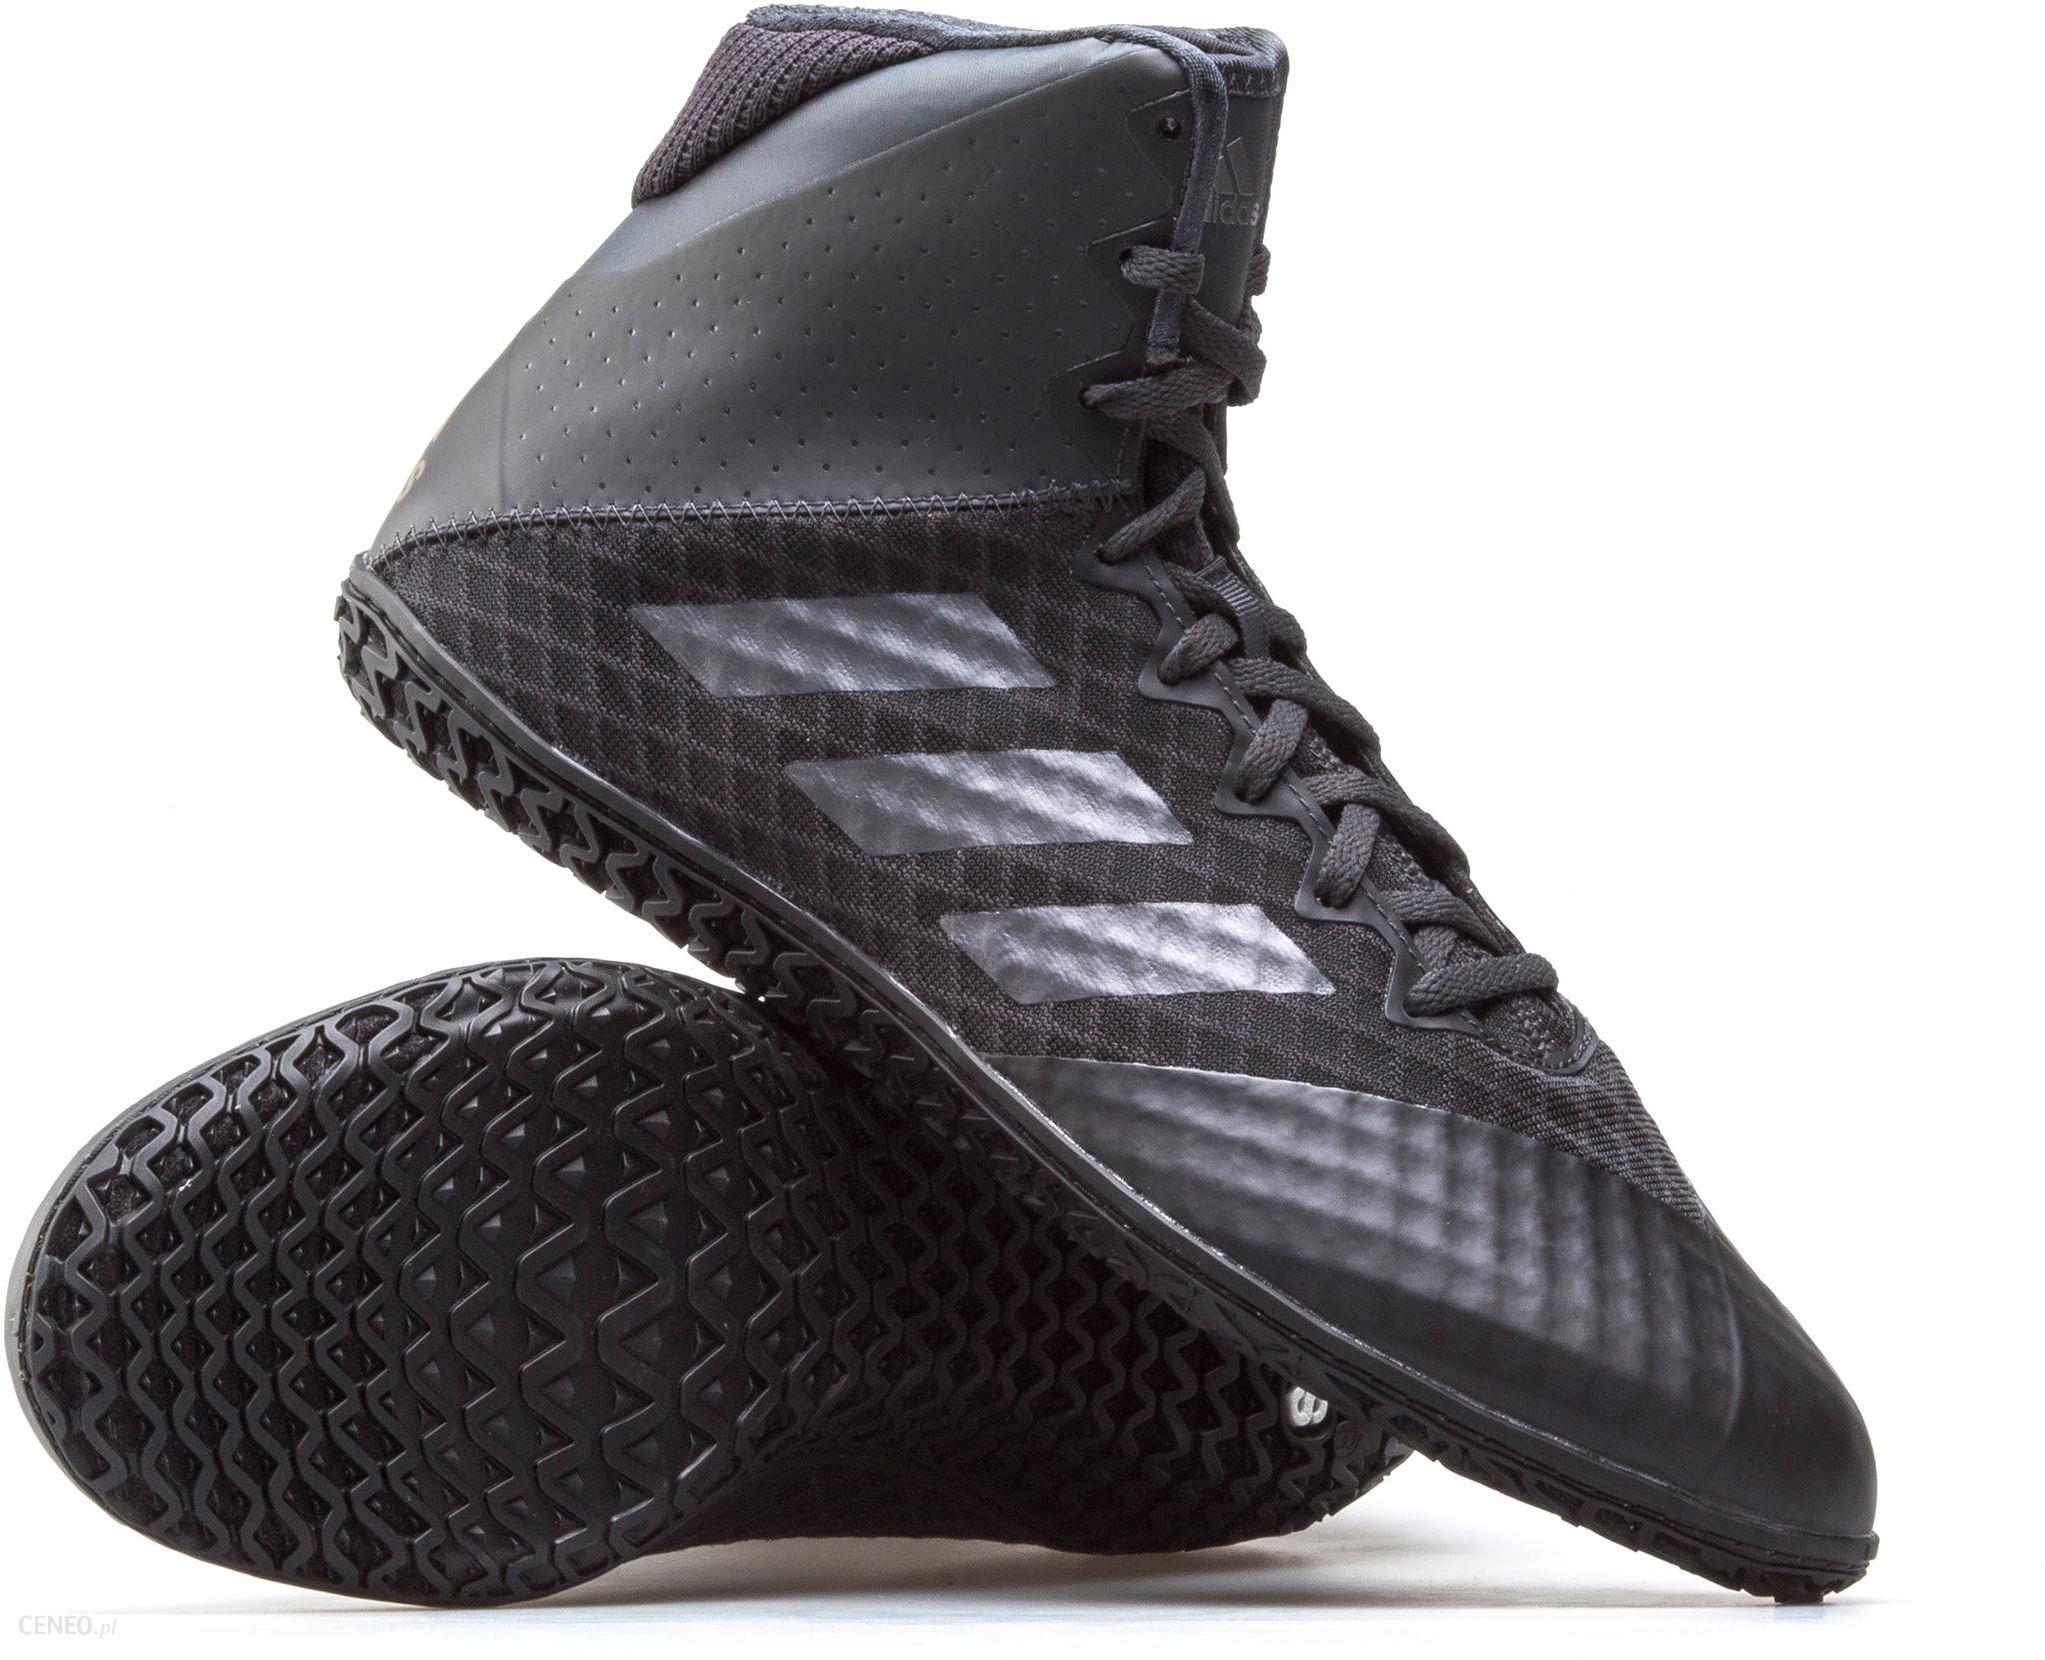 17c2f48d Buty zapaśnicze adidas Mat Wizard AC6971 r. 44 2/3 - Ceny i opinie ...